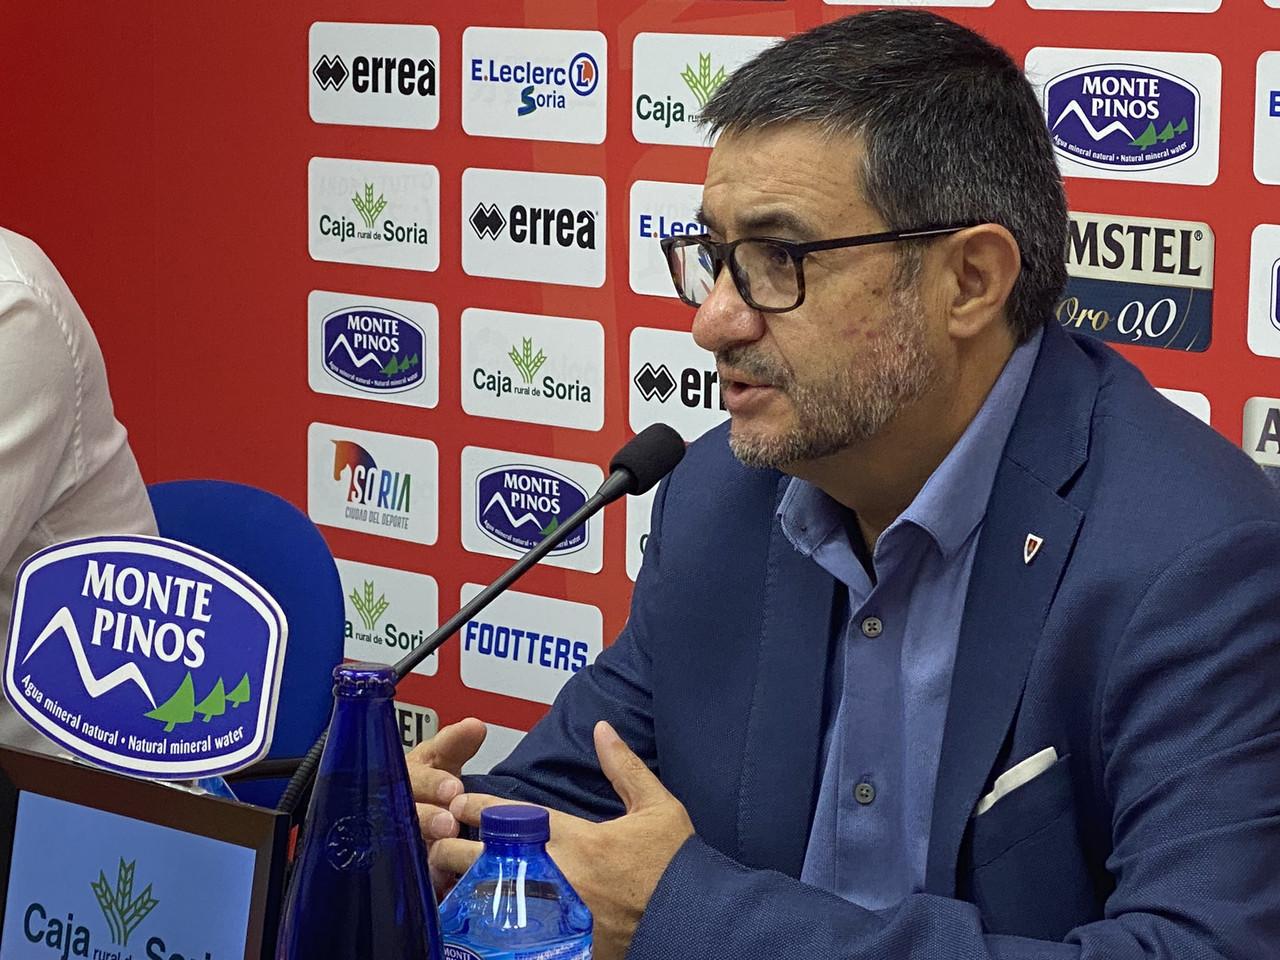 Santiago Morales devuelve la ilusión a Soria